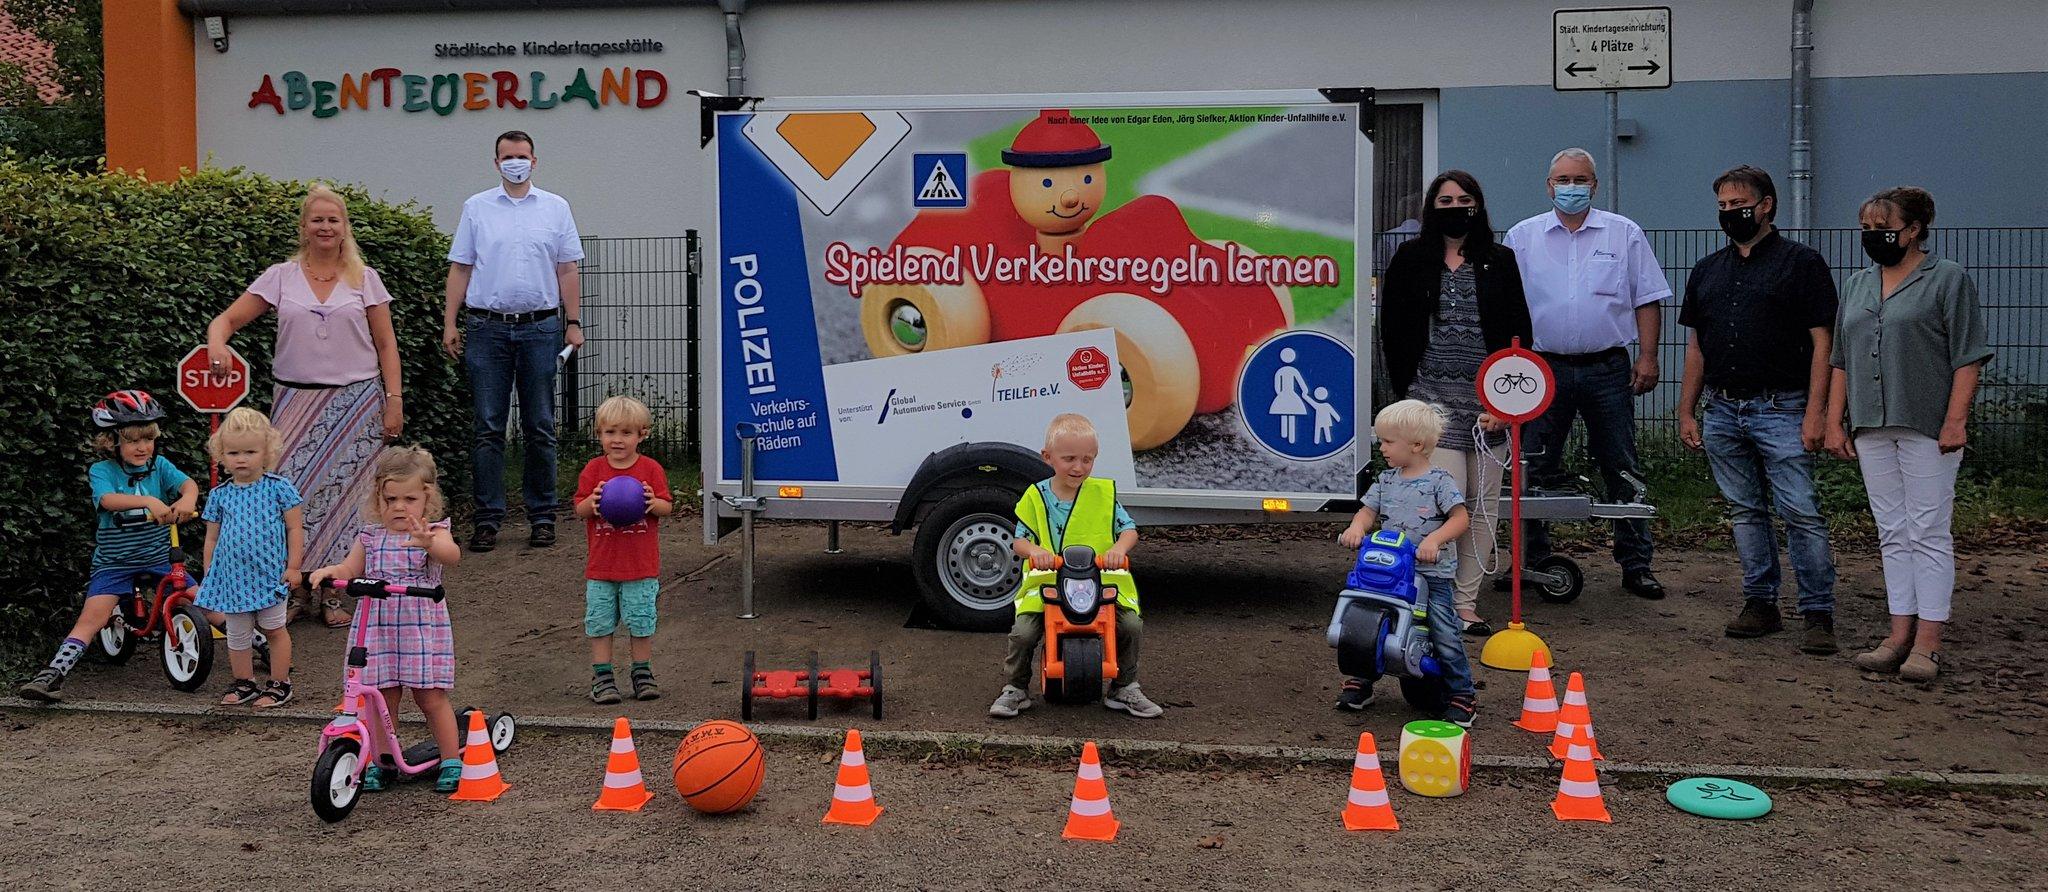 Heimatstadt Dorsten: Kindergärten können Verkehrserziehungs-Anhänger kostenlos ausleihen - Dorsten...